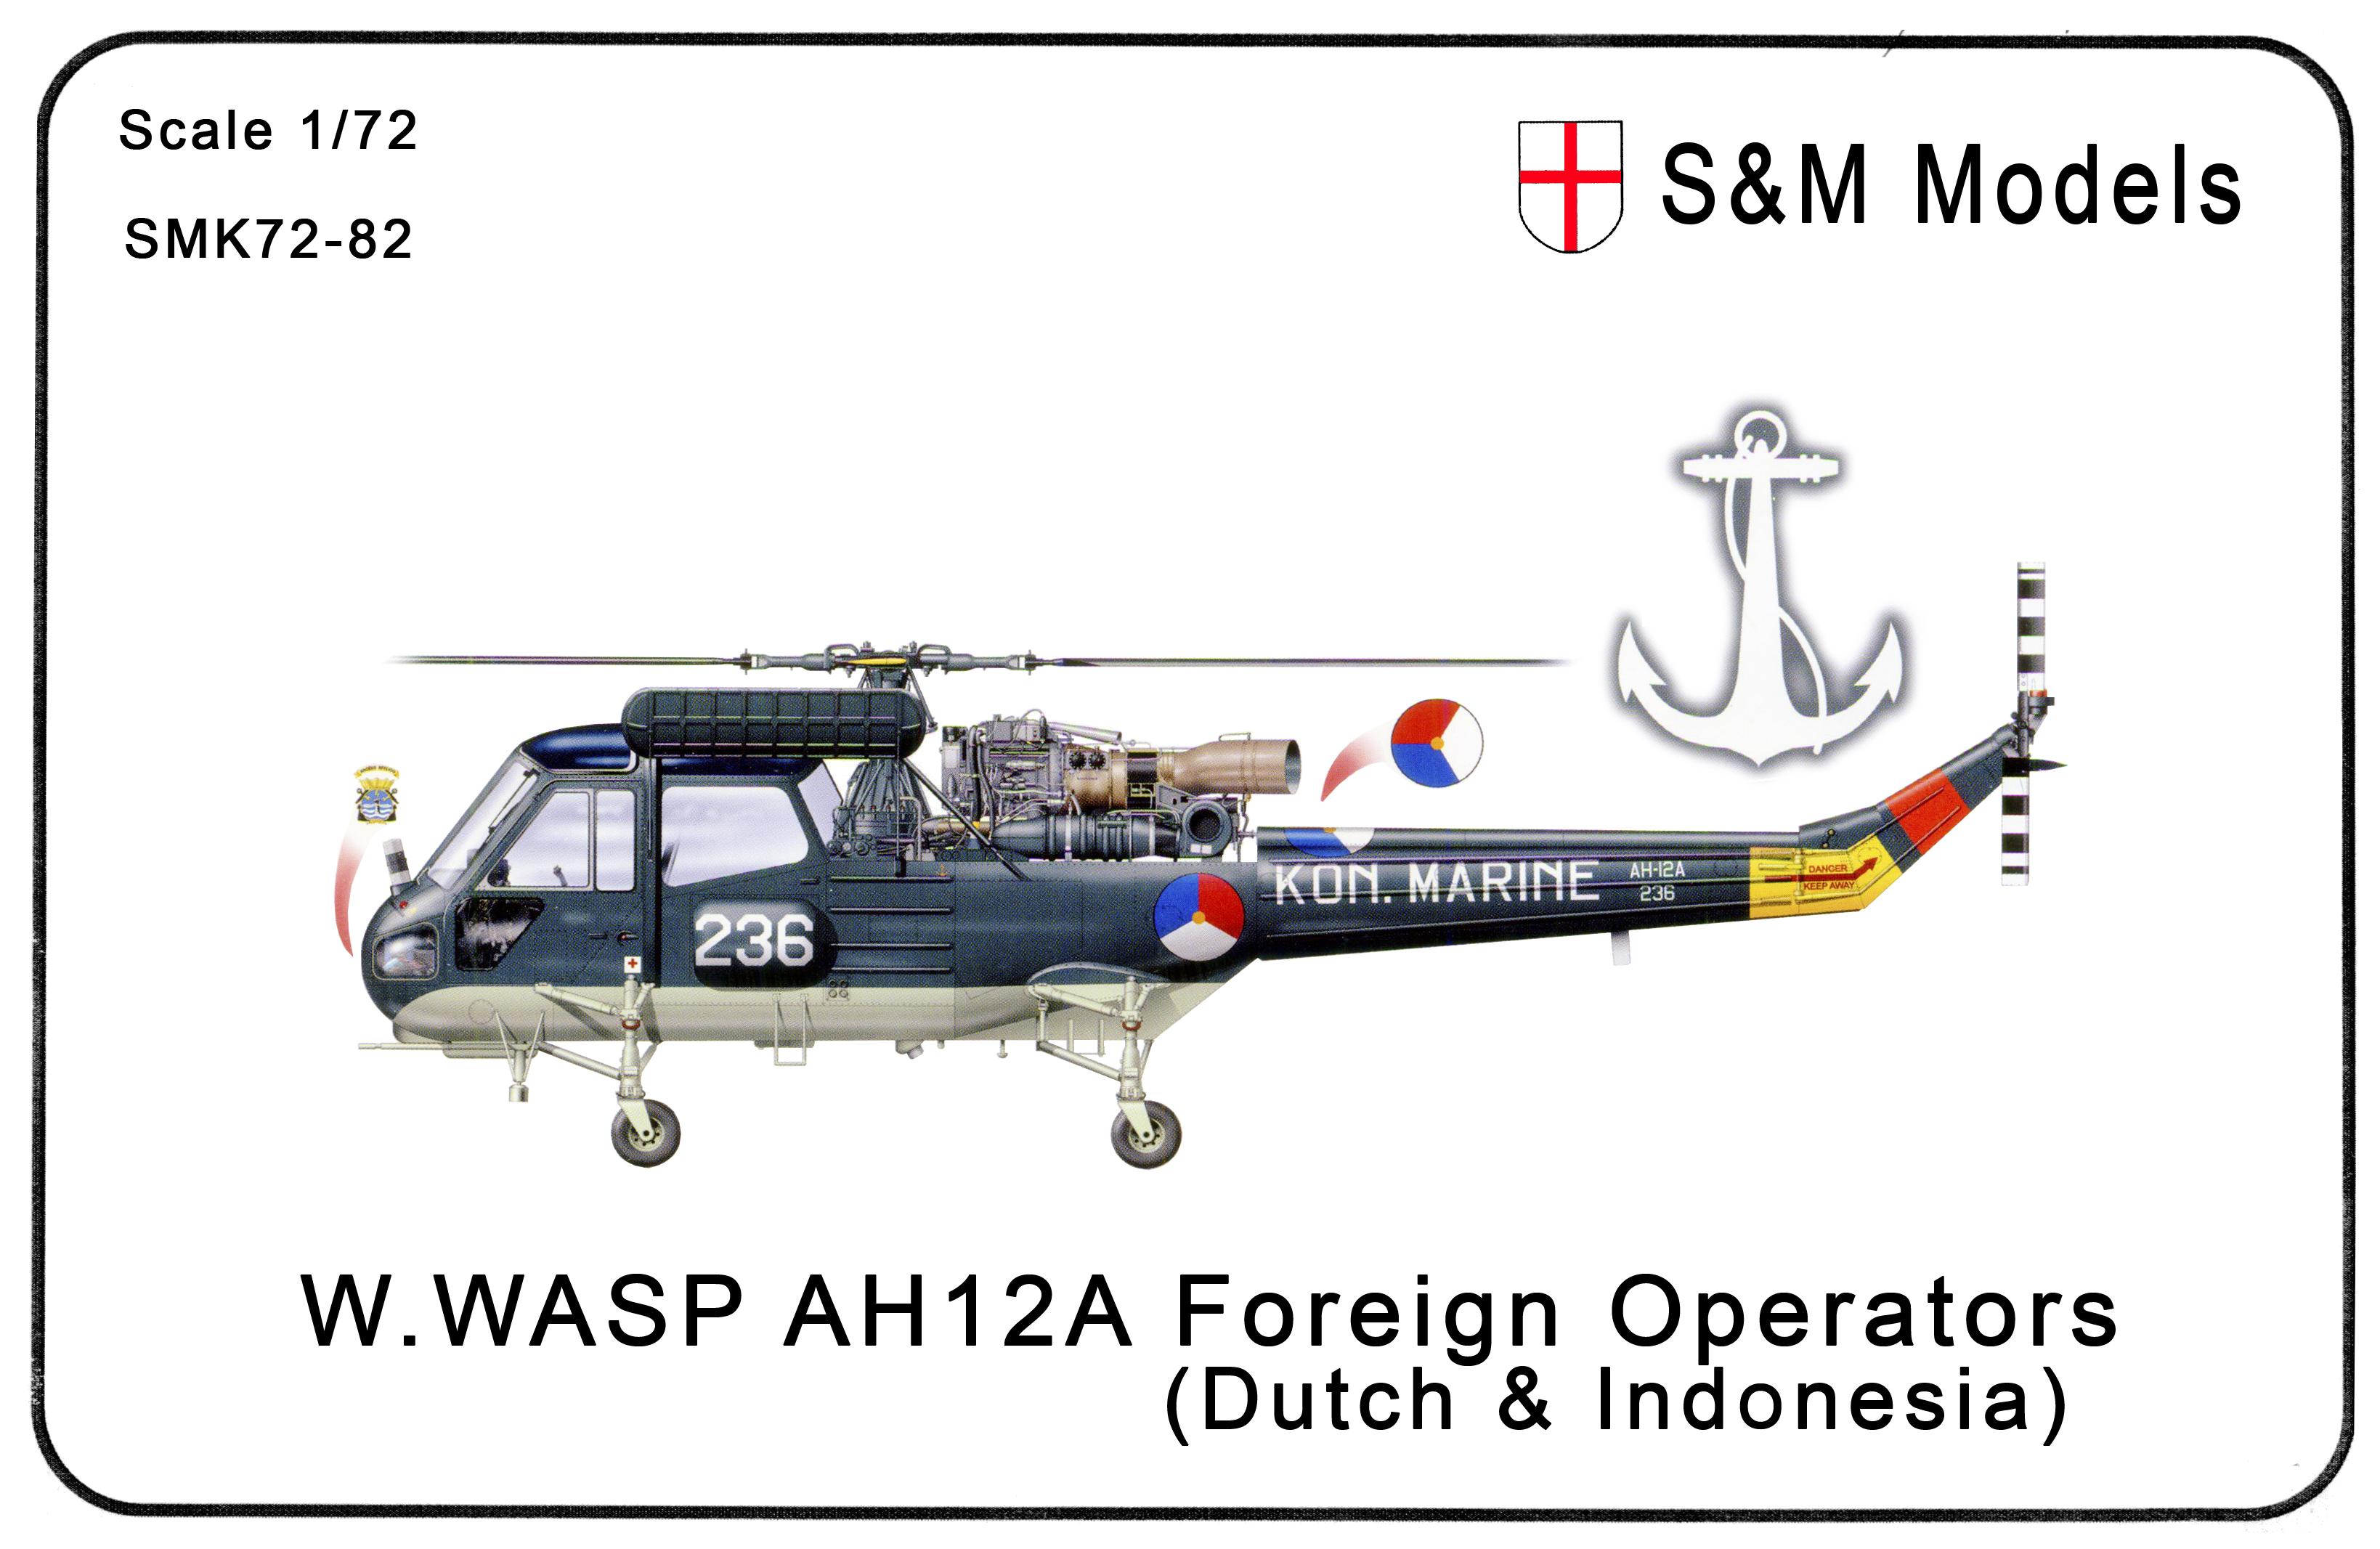 SMK72-82